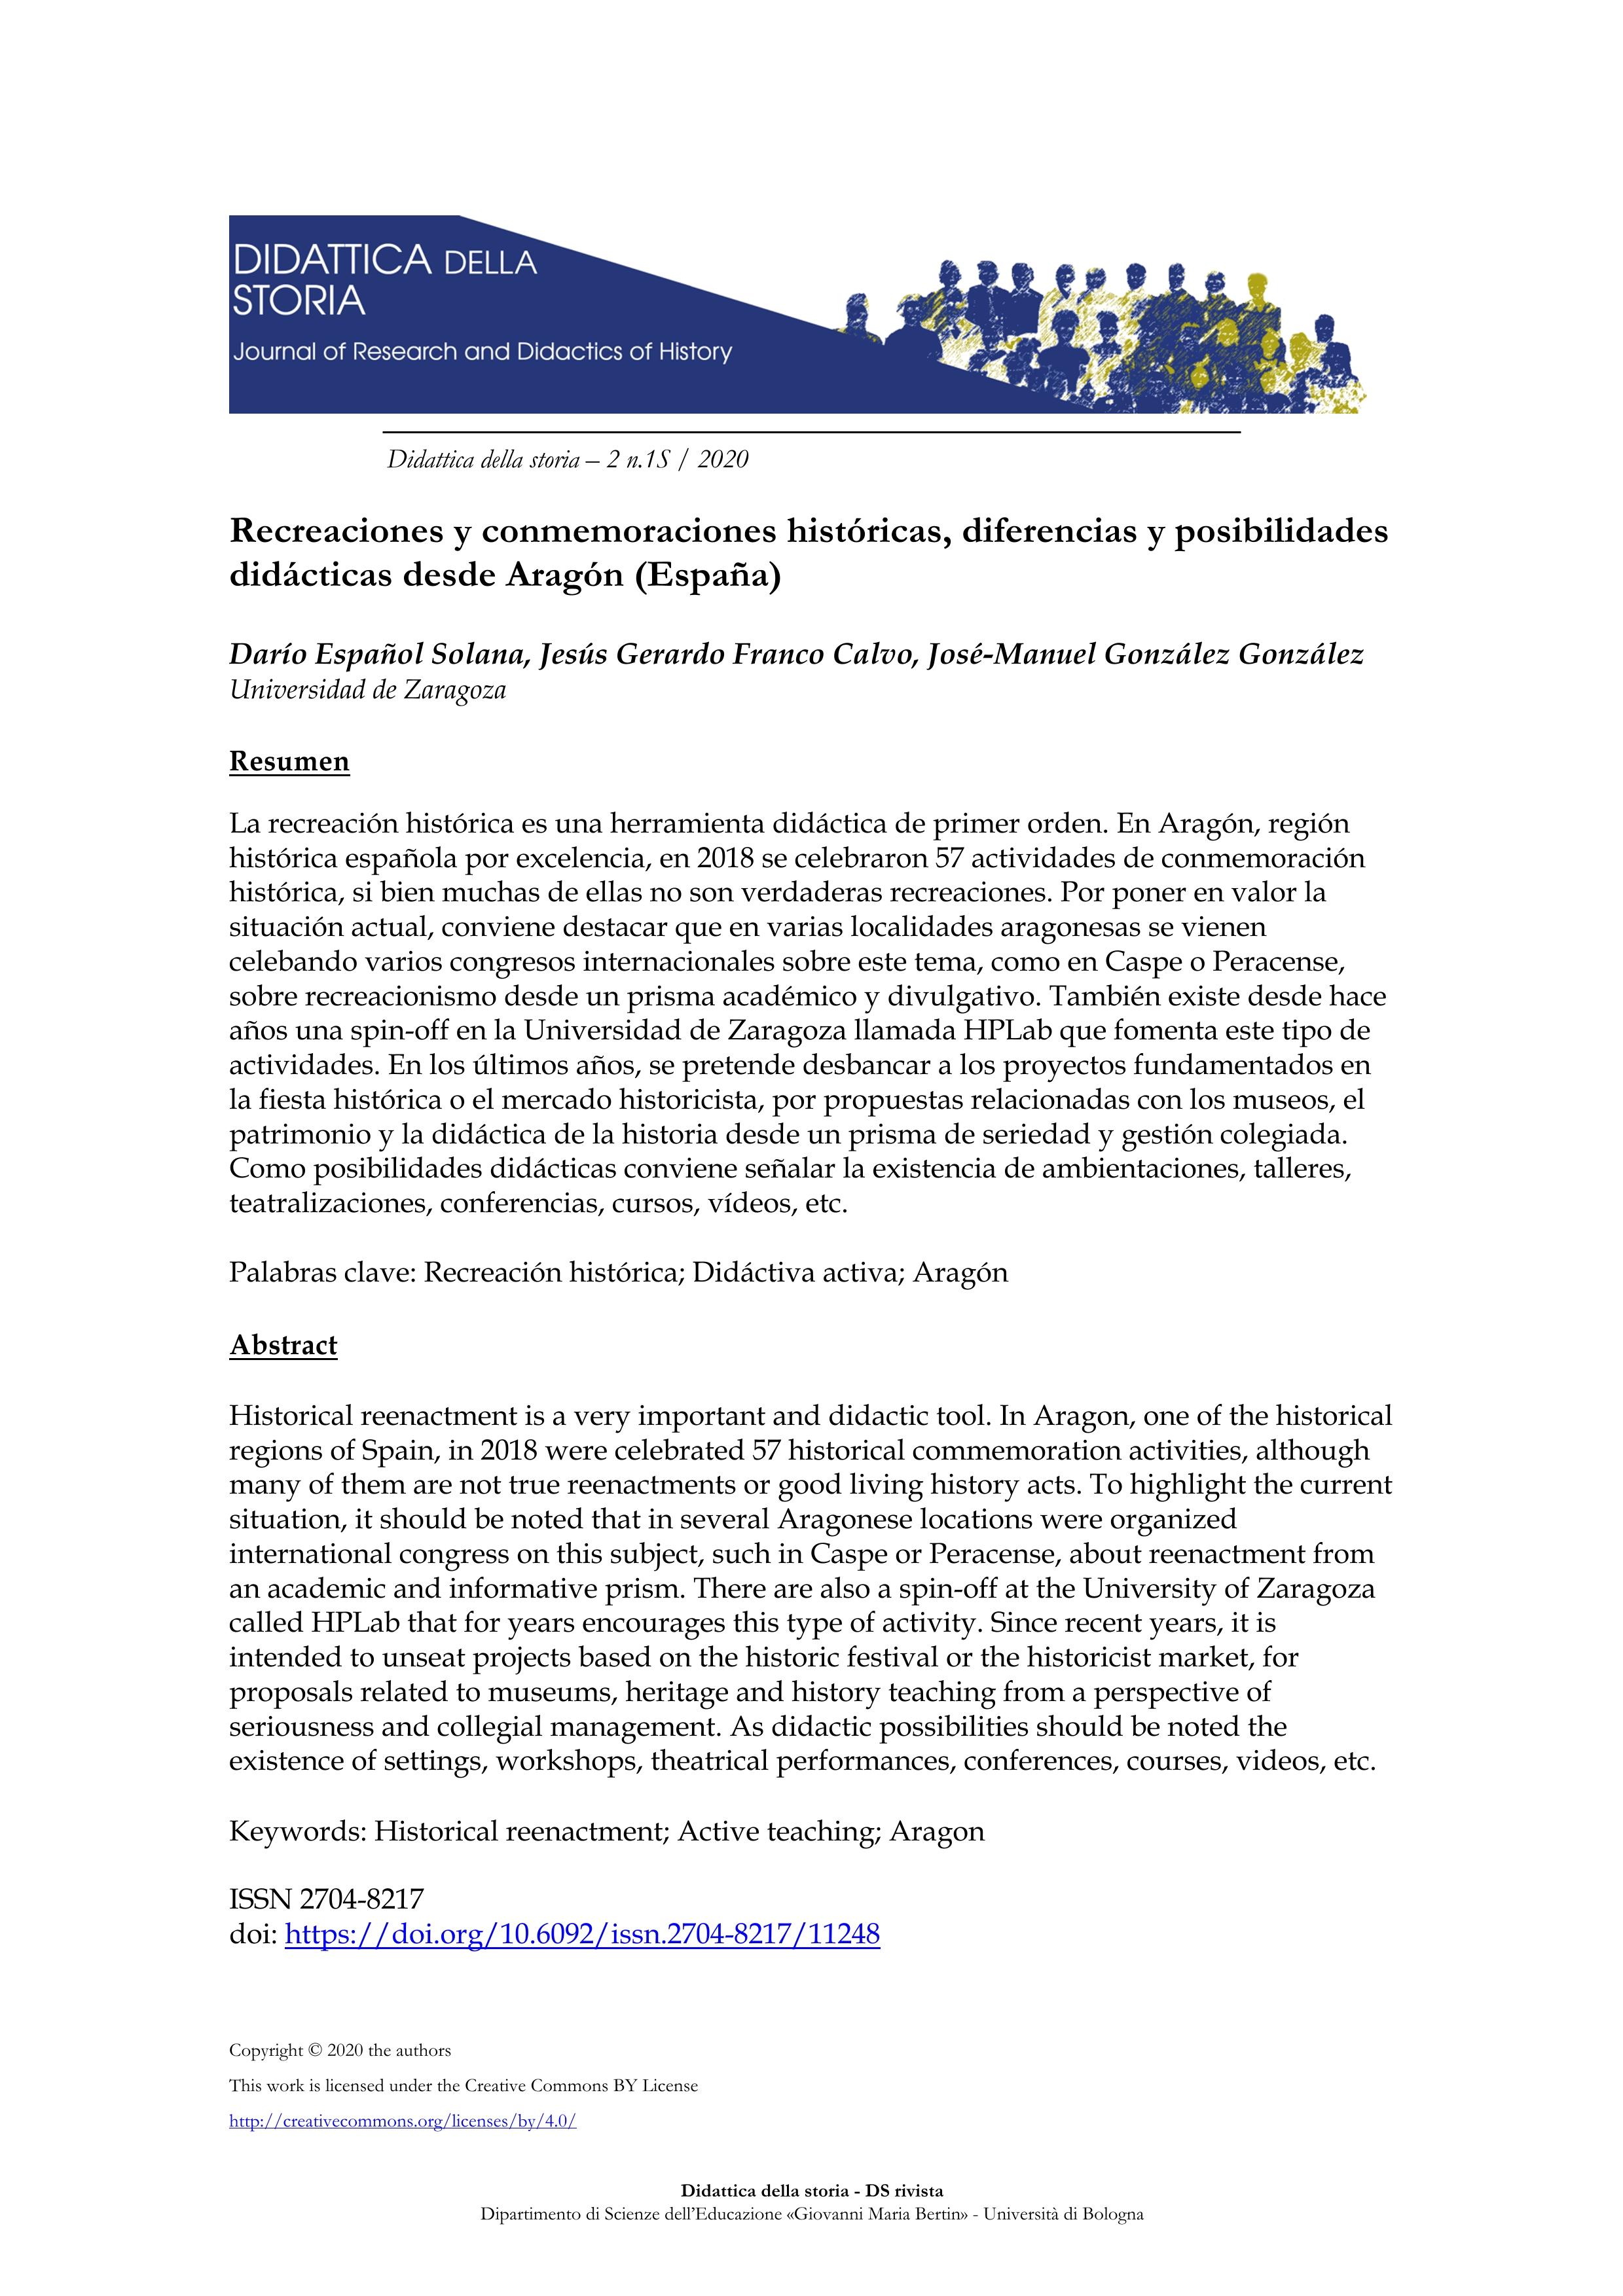 Recreaciones y conmemoraciones históricas, diferencias y posibilidades didácticas desde Aragón (España)